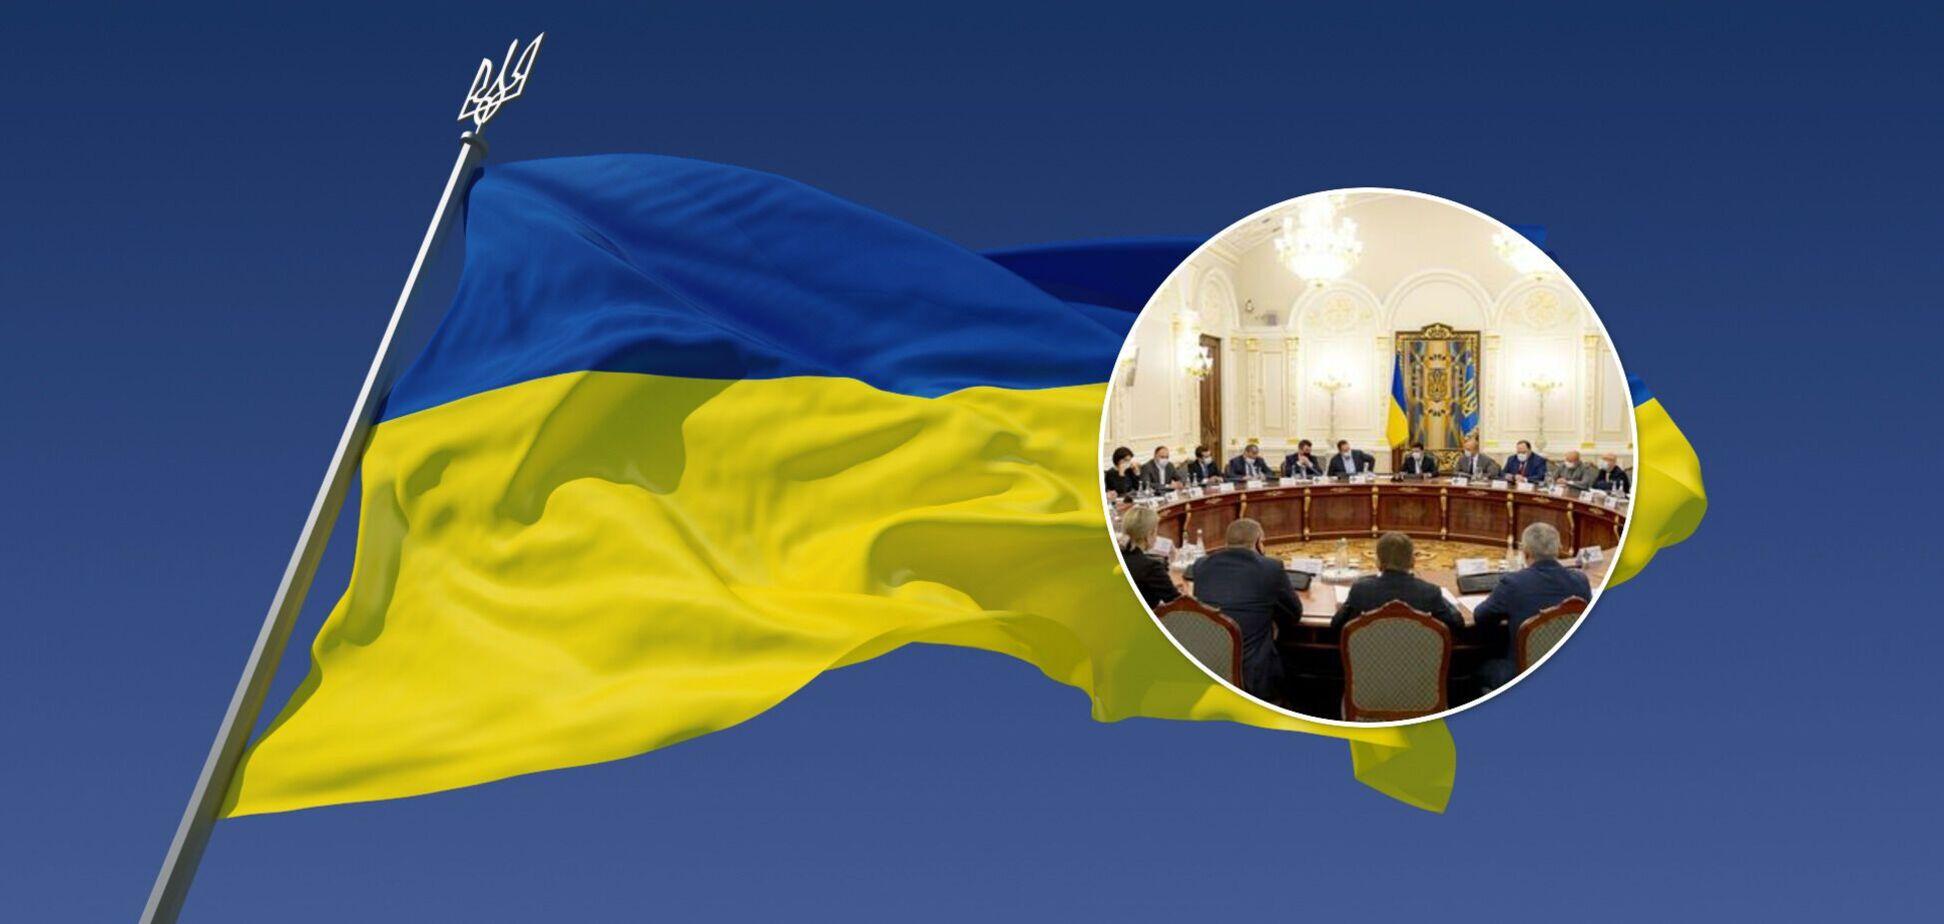 В Україні вперше затвердили стратегію із зовнішньої політики: що містить документ